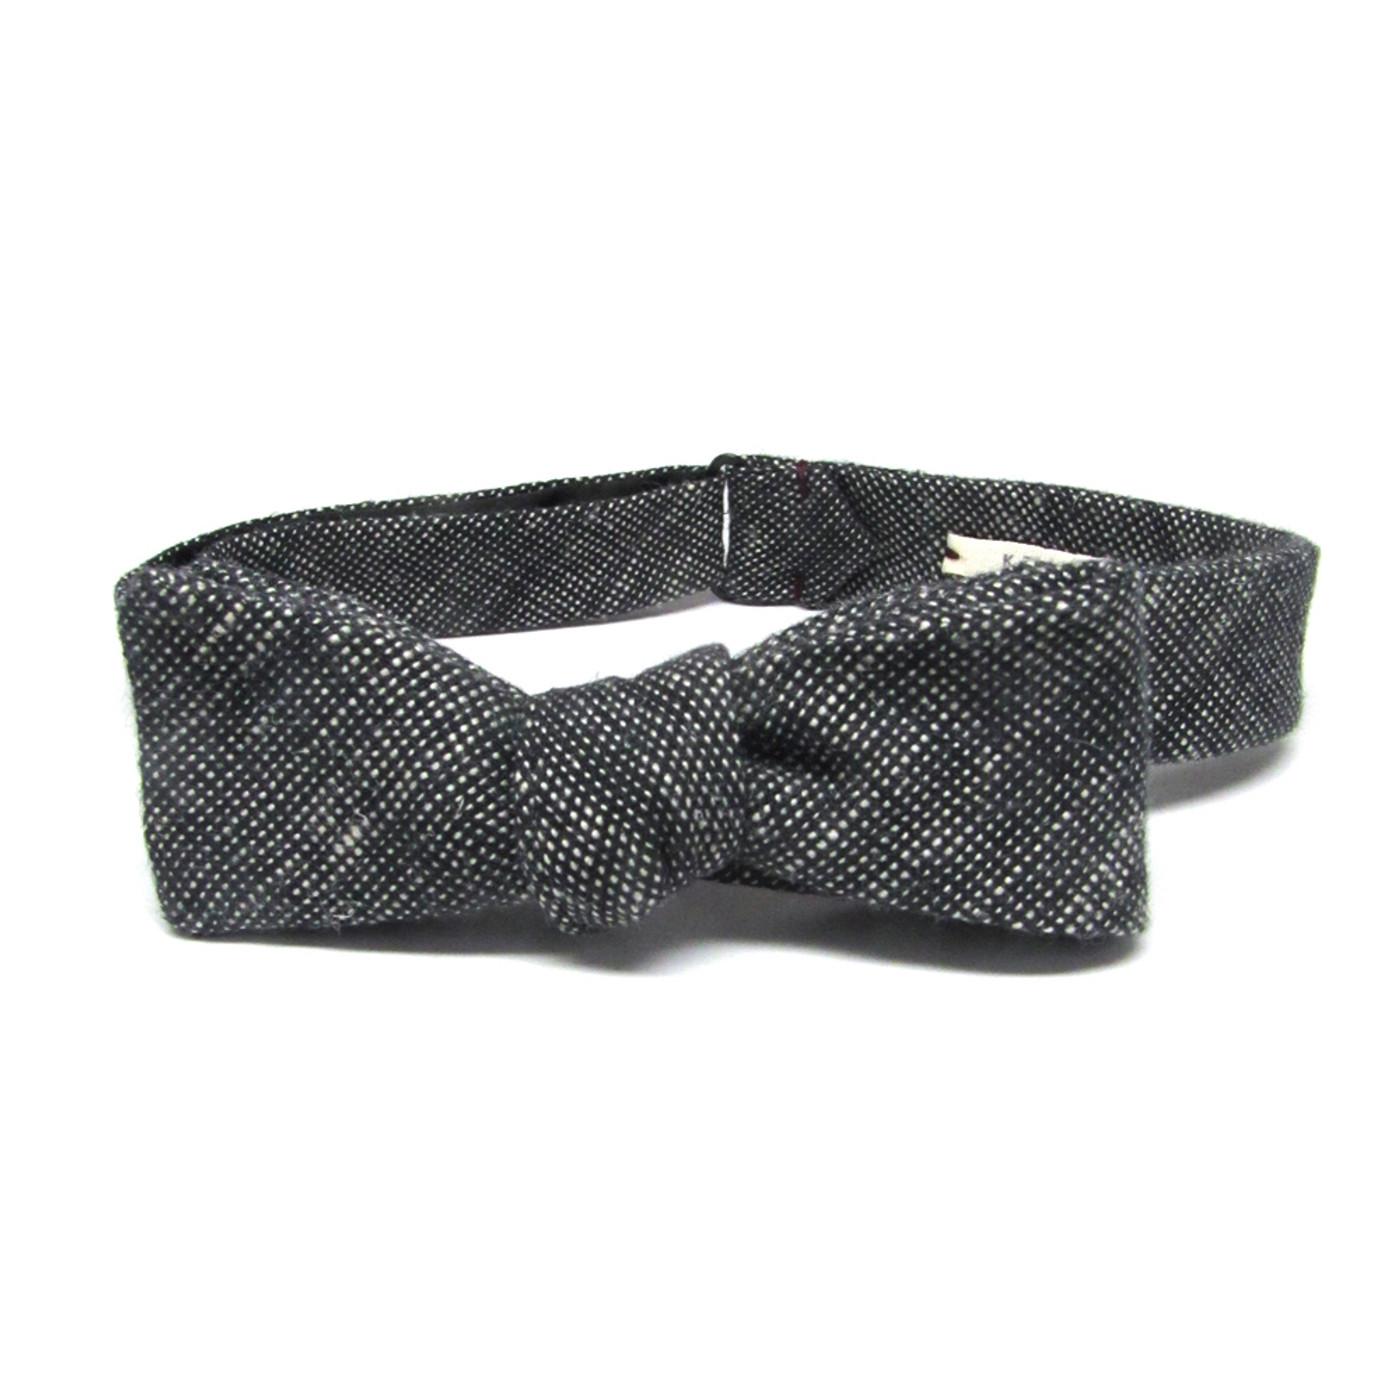 Black & White Bow Tie